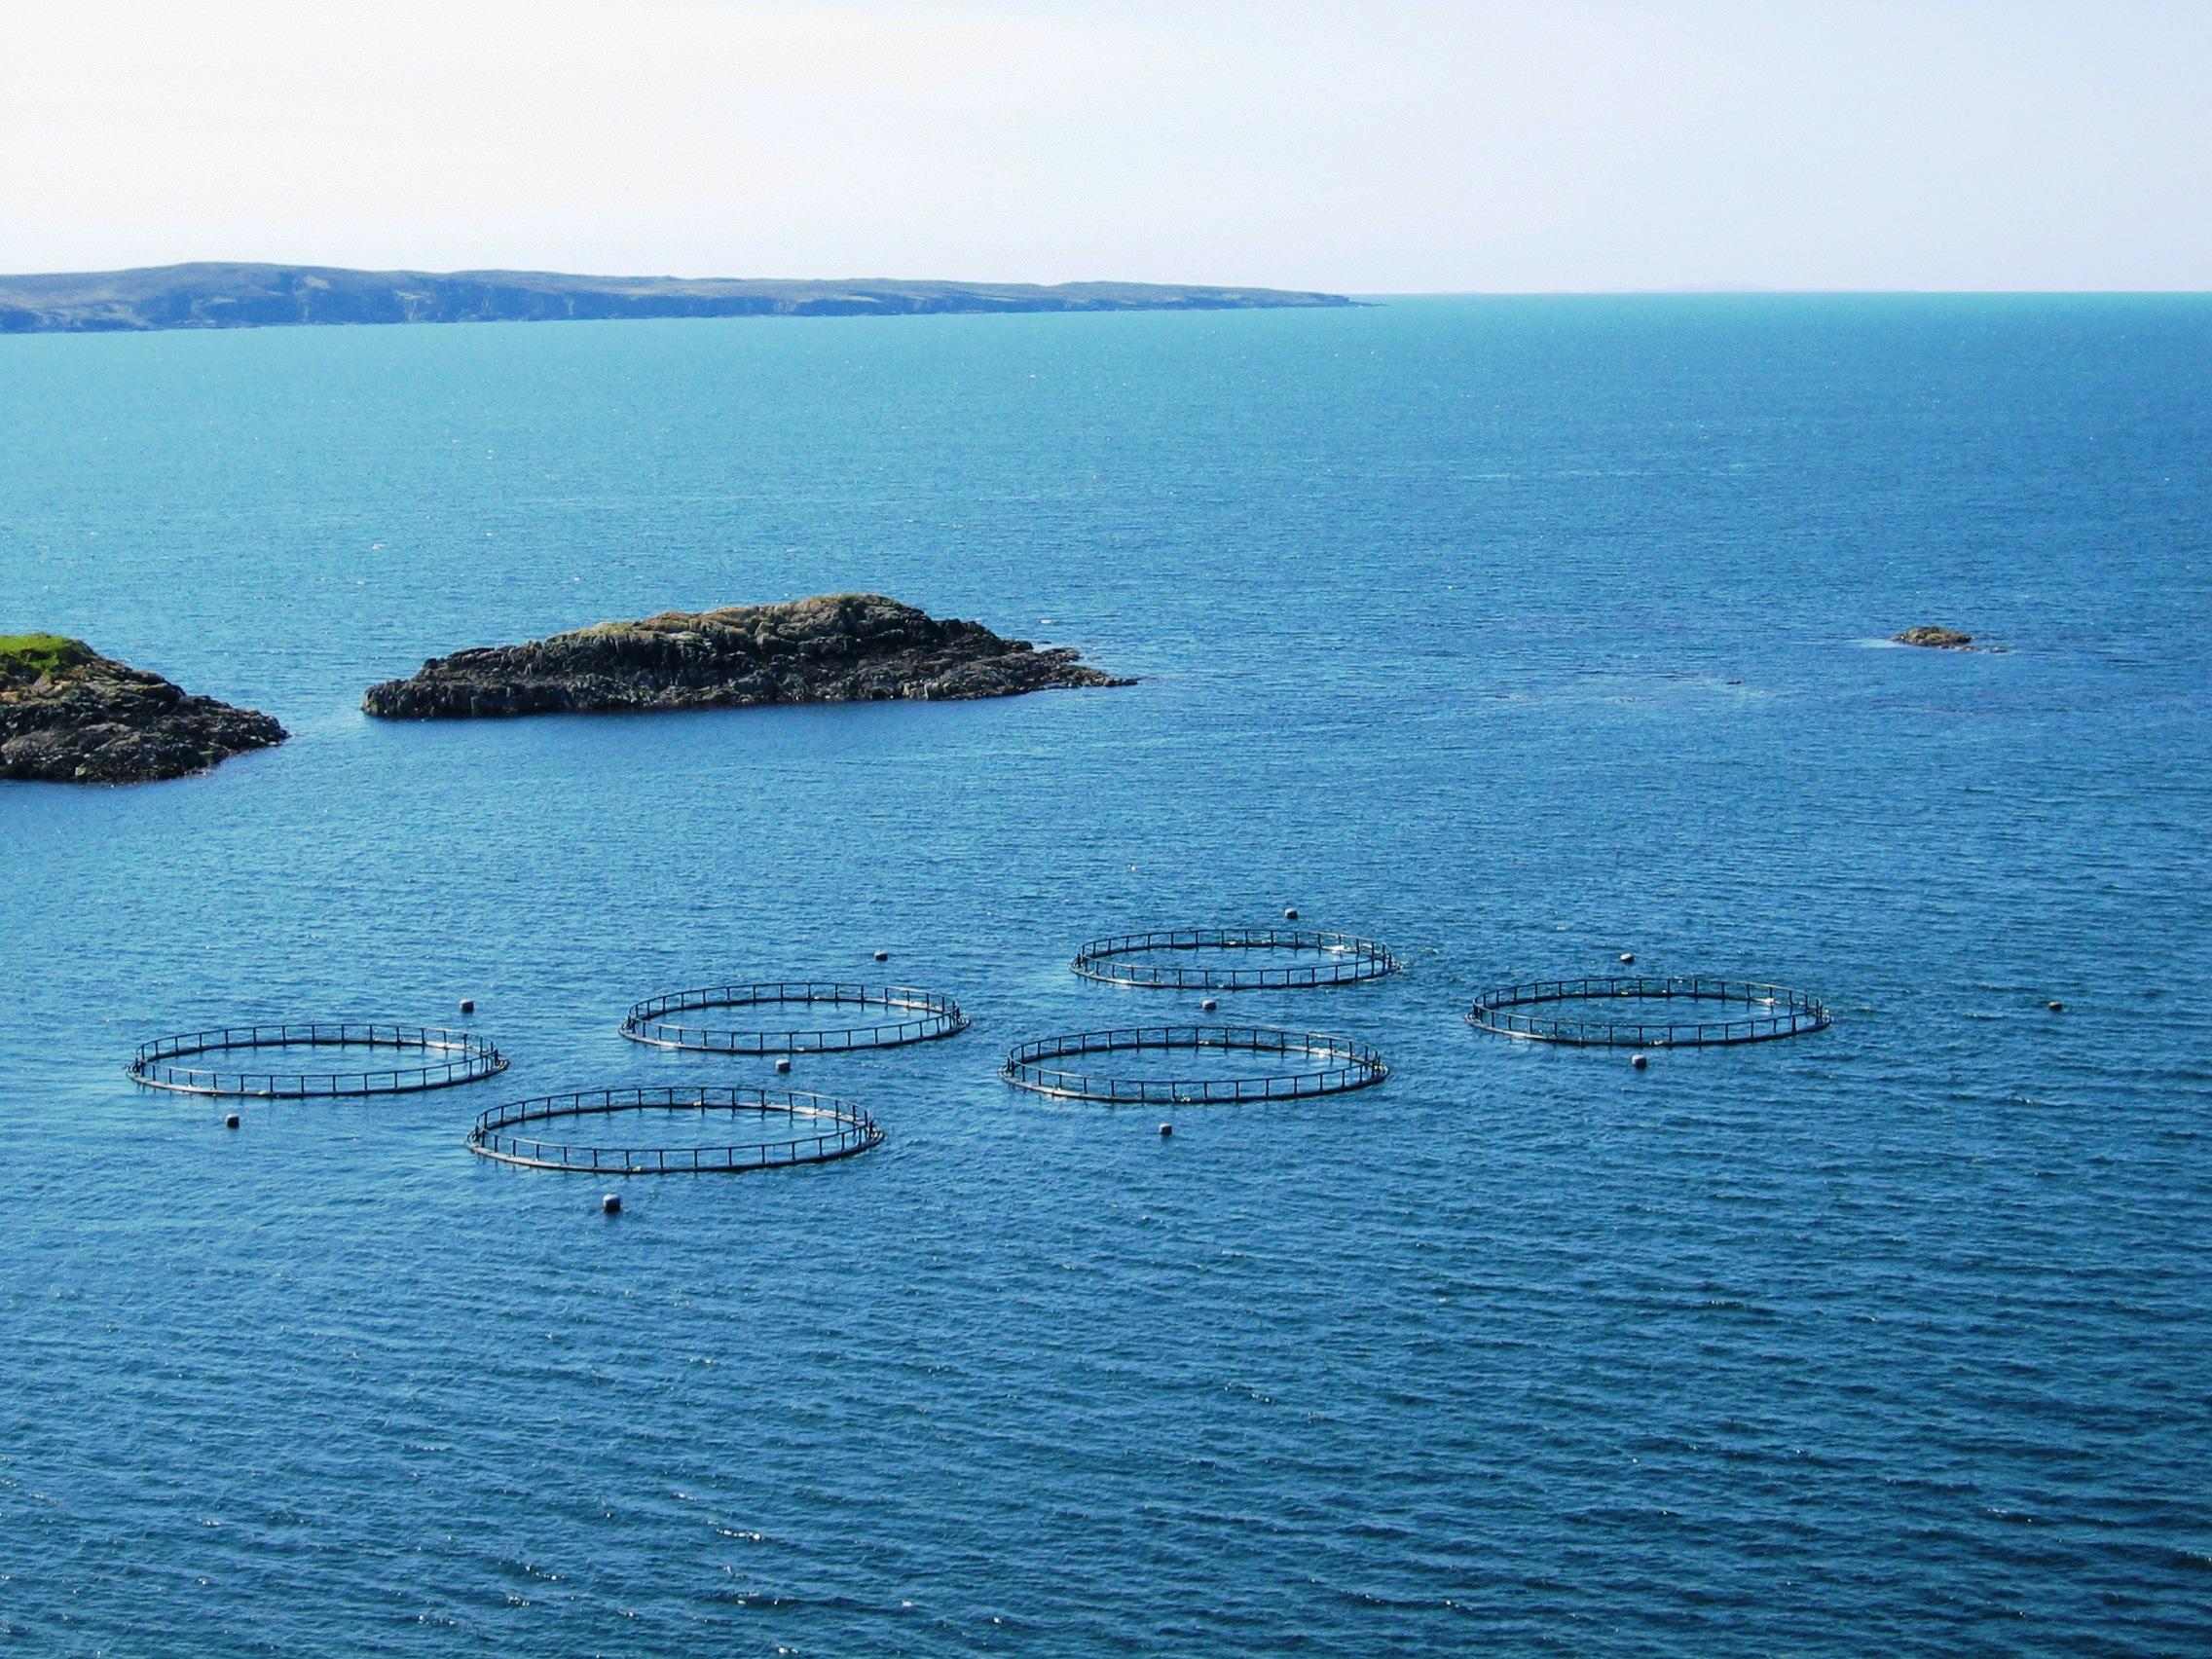 Мексика и Китай договорились о сотрудничестве в области аквакультуры и рыболовства